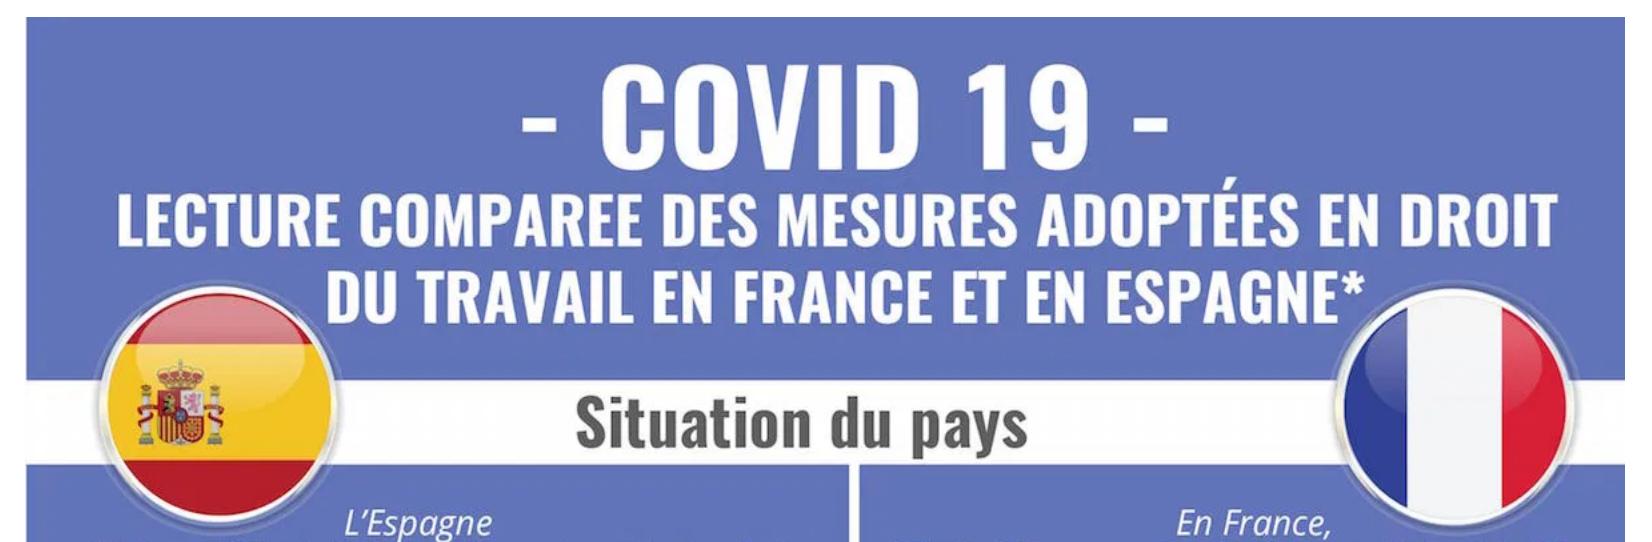 Covid-19 – Comparaison en droit du travail (France-Espagne)